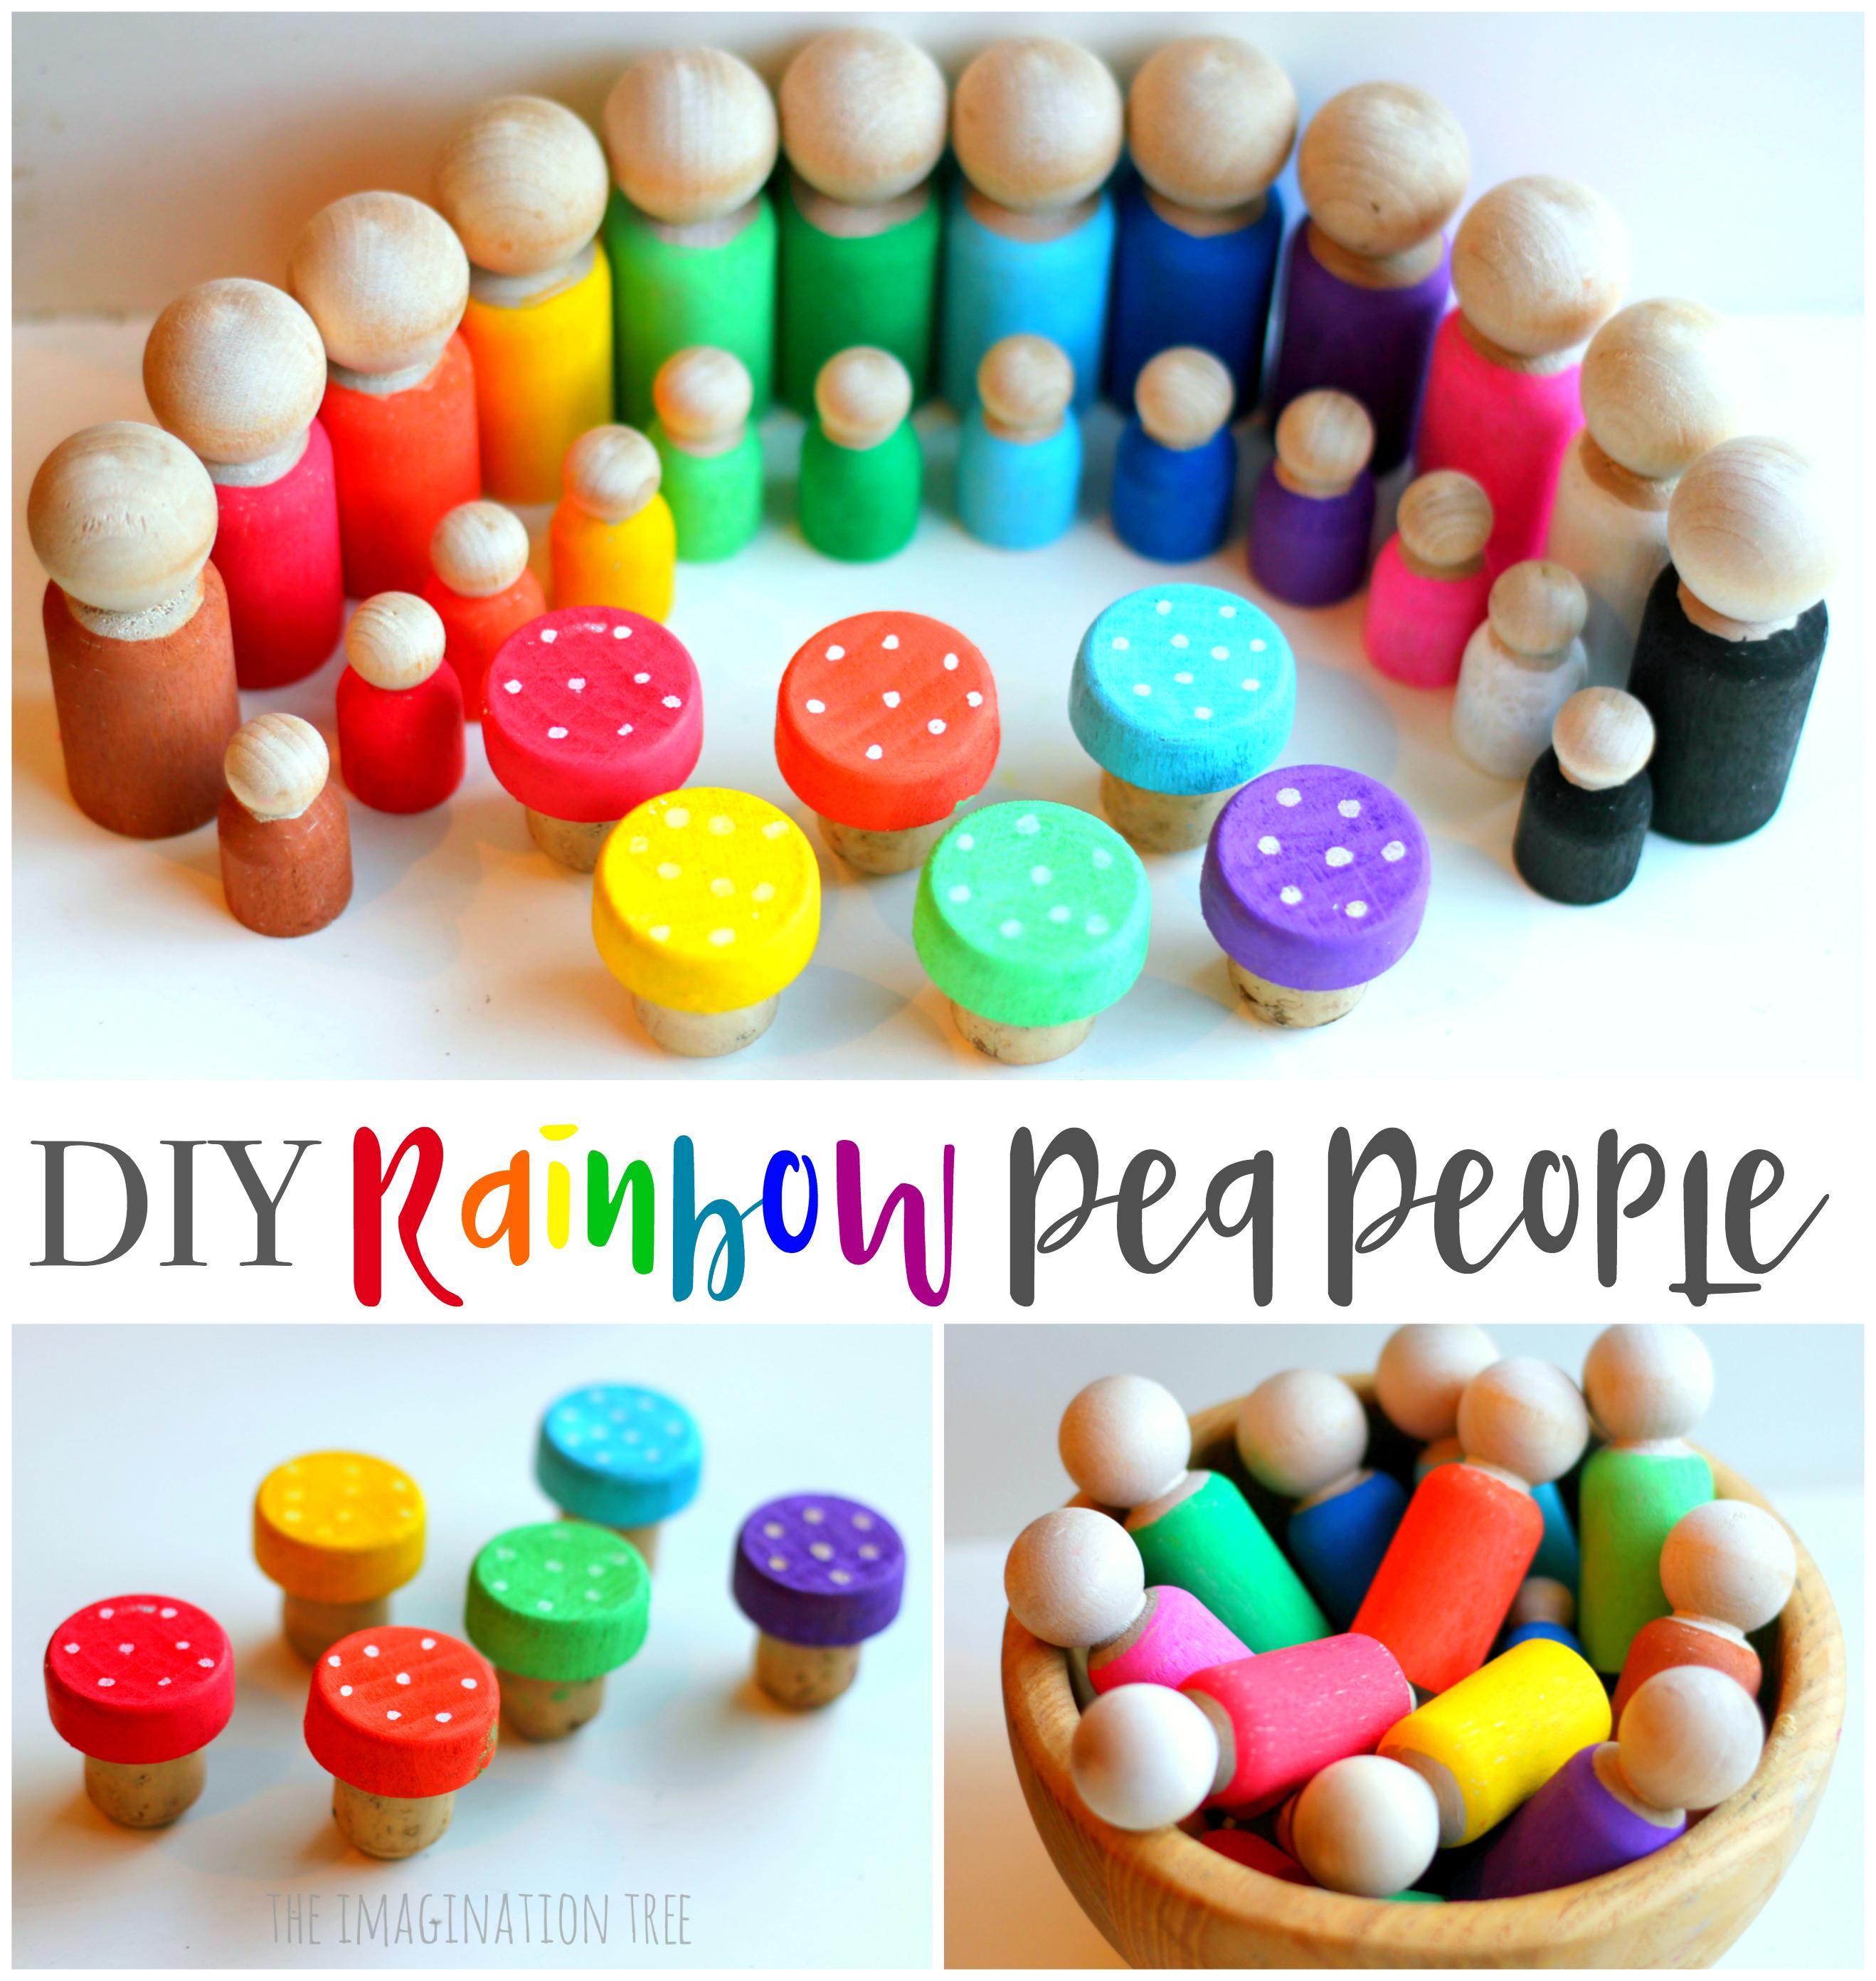 Diy Rainbow Peg People Amp Toadstools The Imagination Tree